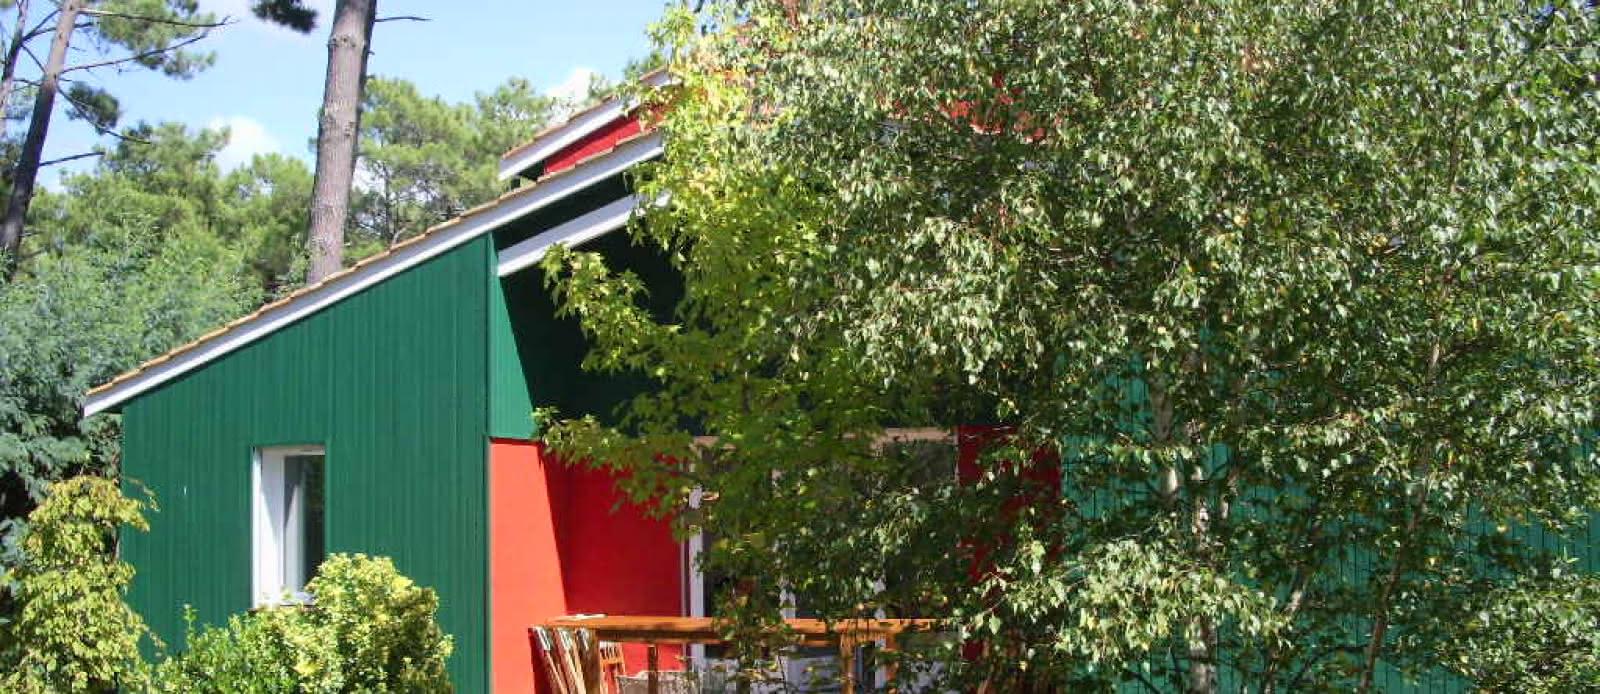 Villa Ballarin - Vendays montalivet (3)